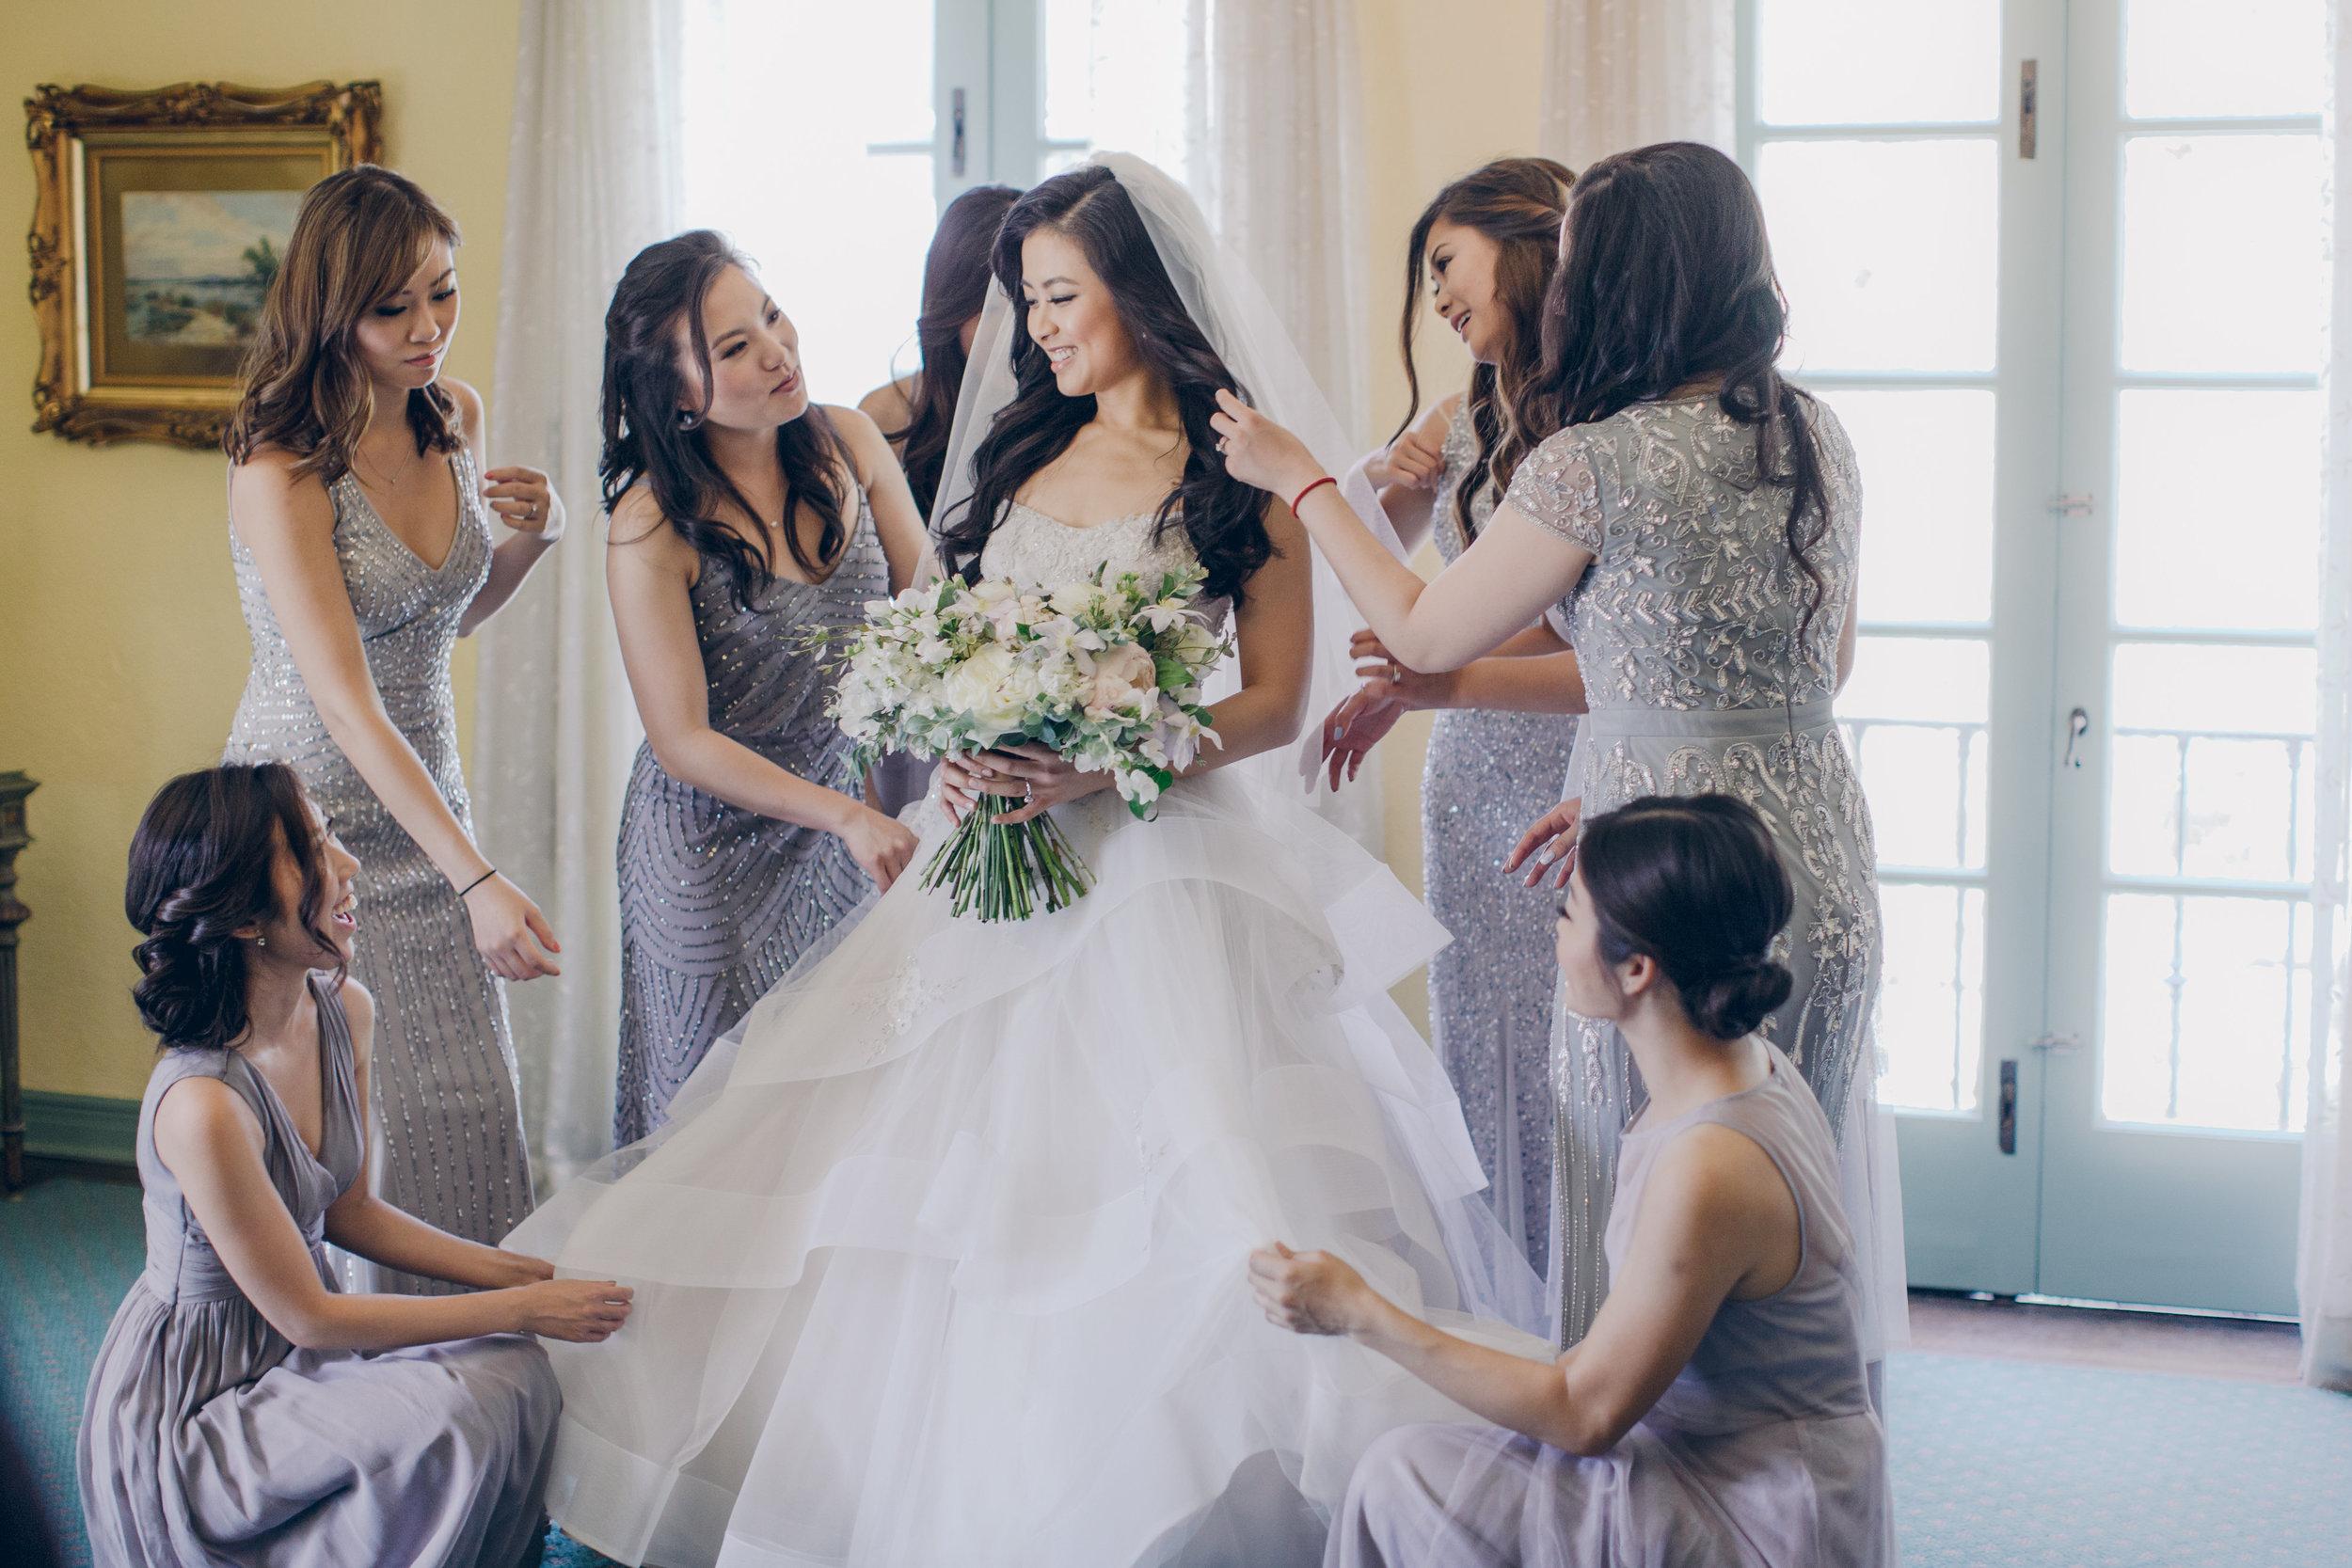 CYNTHIA-ANDY-WEDDING-0161-0106.jpg